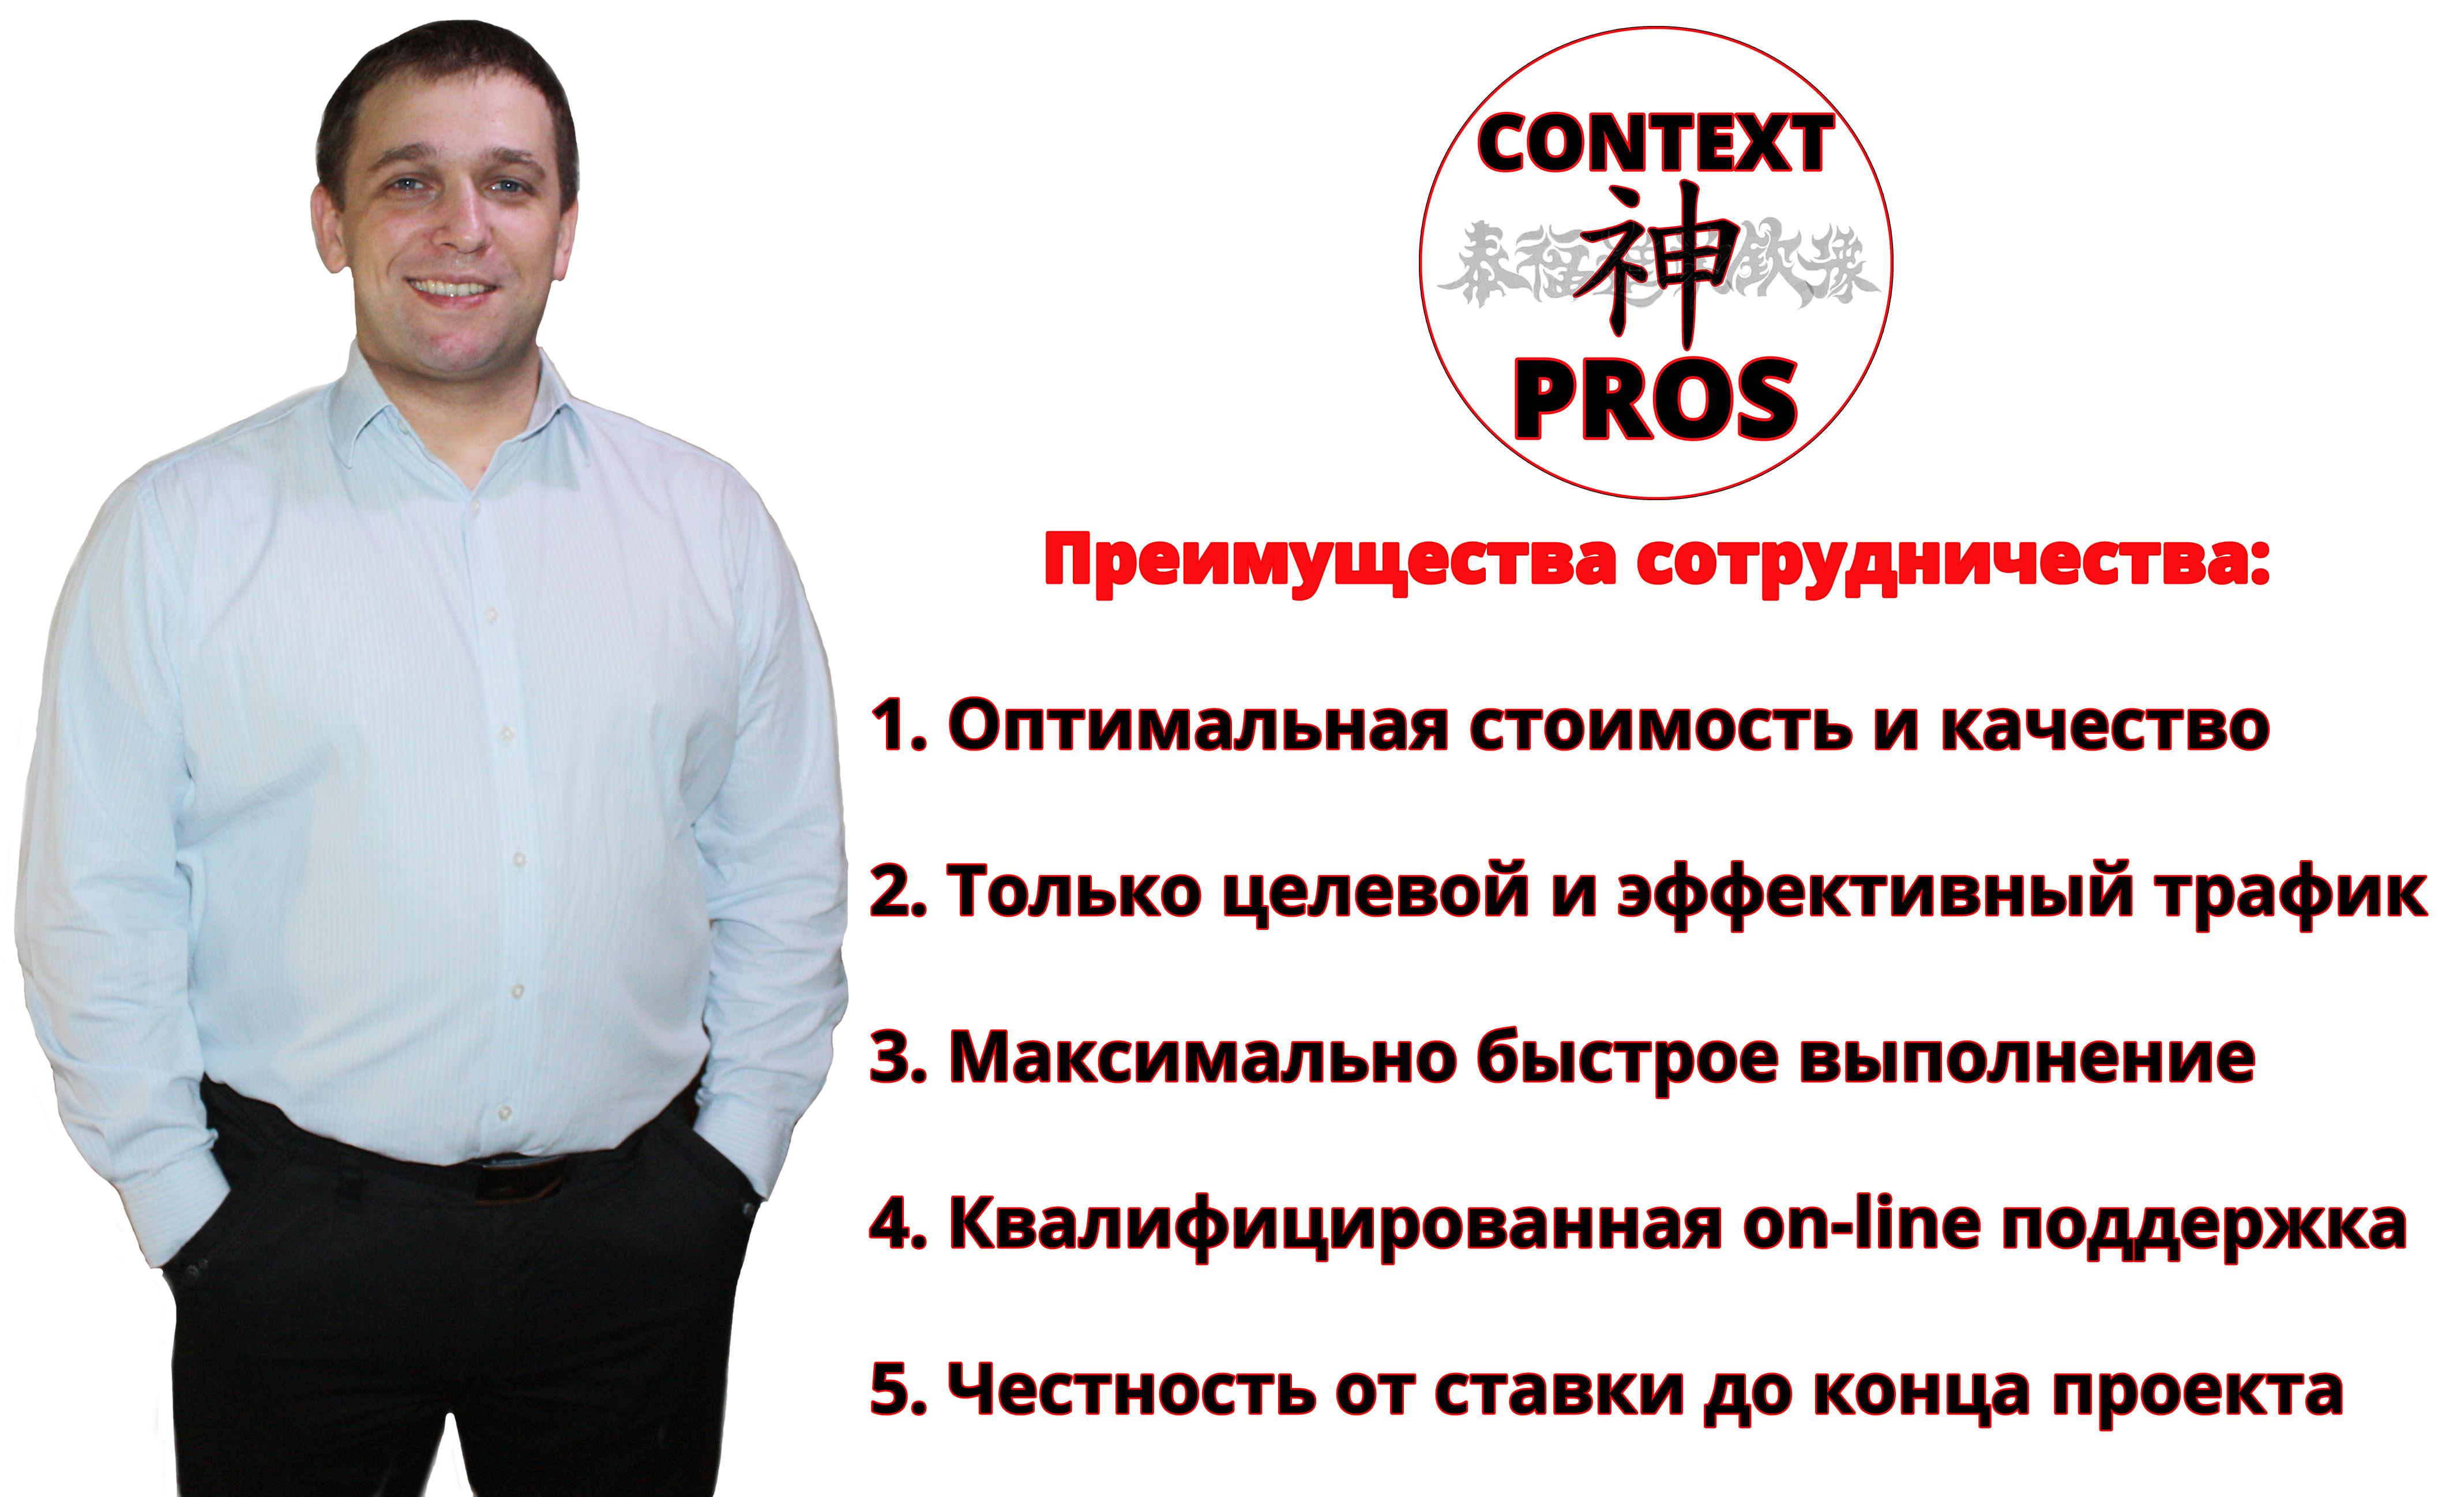 Преимущества сотрудничества с Context-Pros